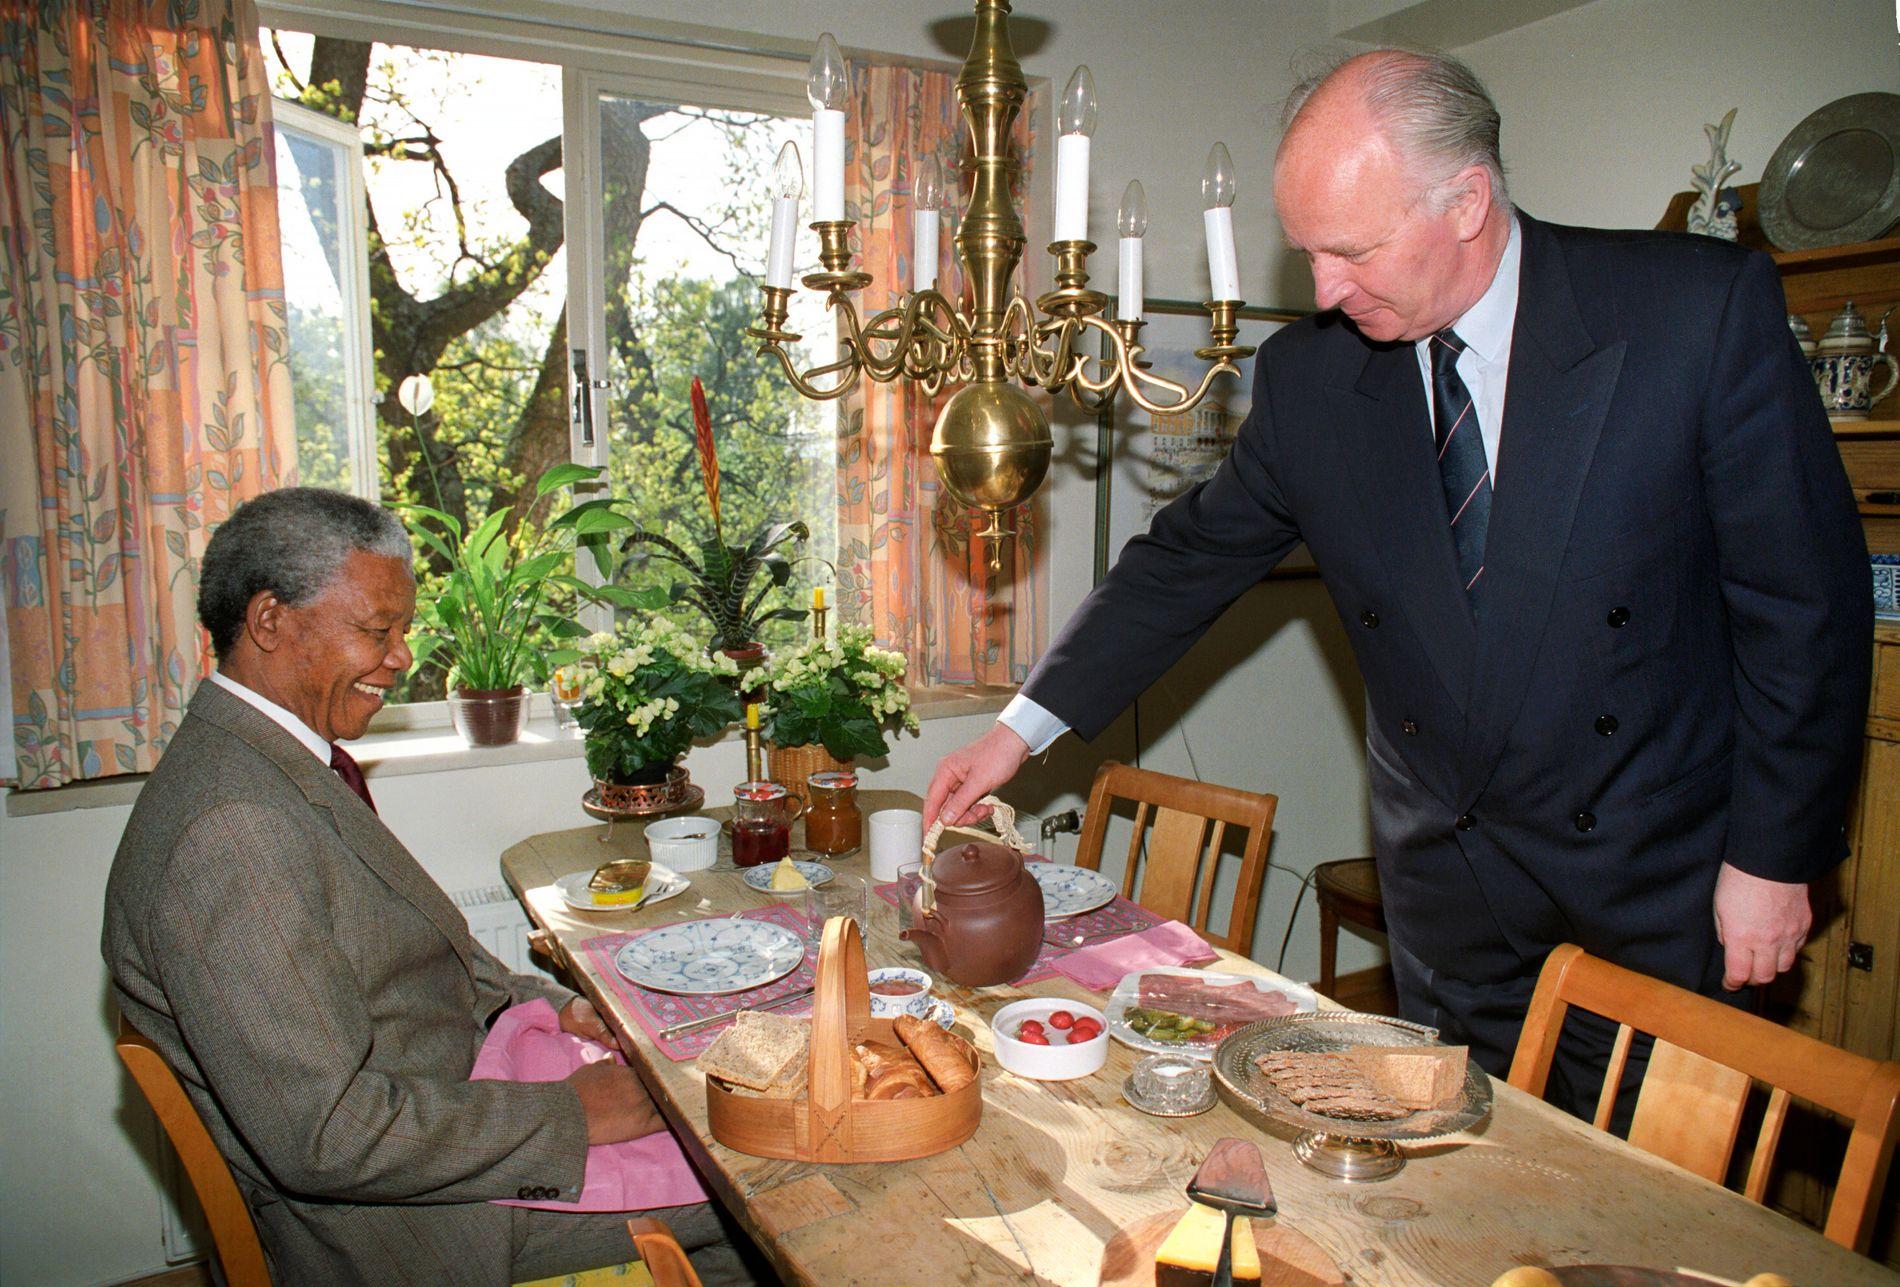 FROKOST: Nelson Mandela blir servert frokost hjemme hos Thorvald Stoltenberg. Han var på den tiden utenriksminister.